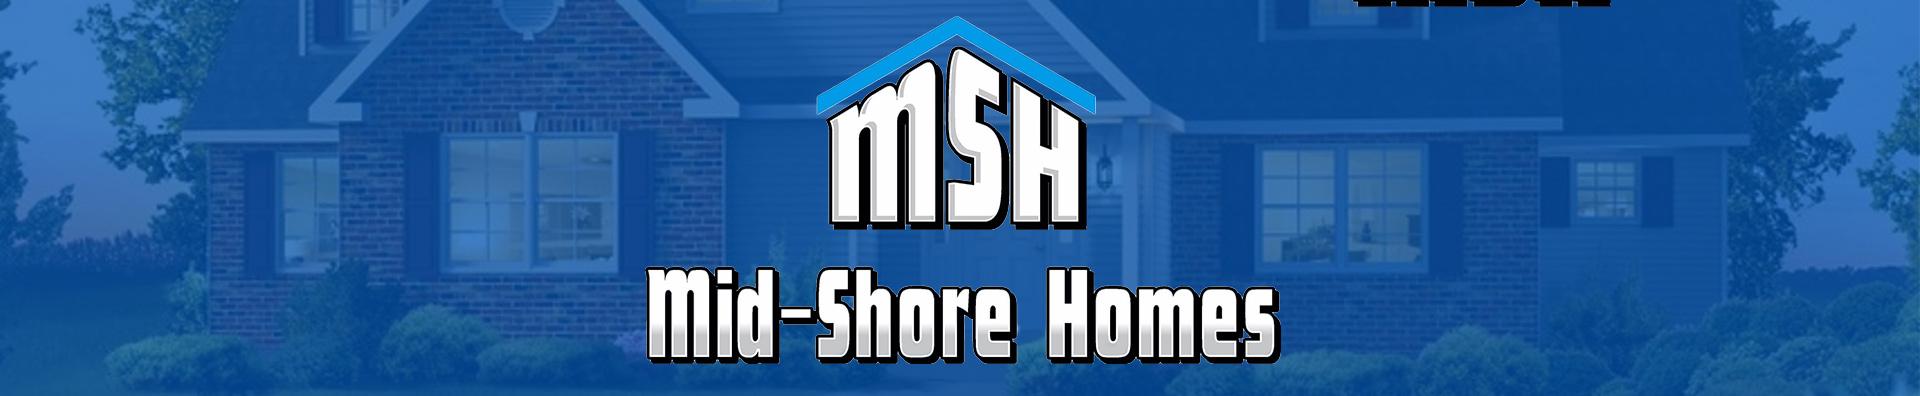 Mid-Shore Homes